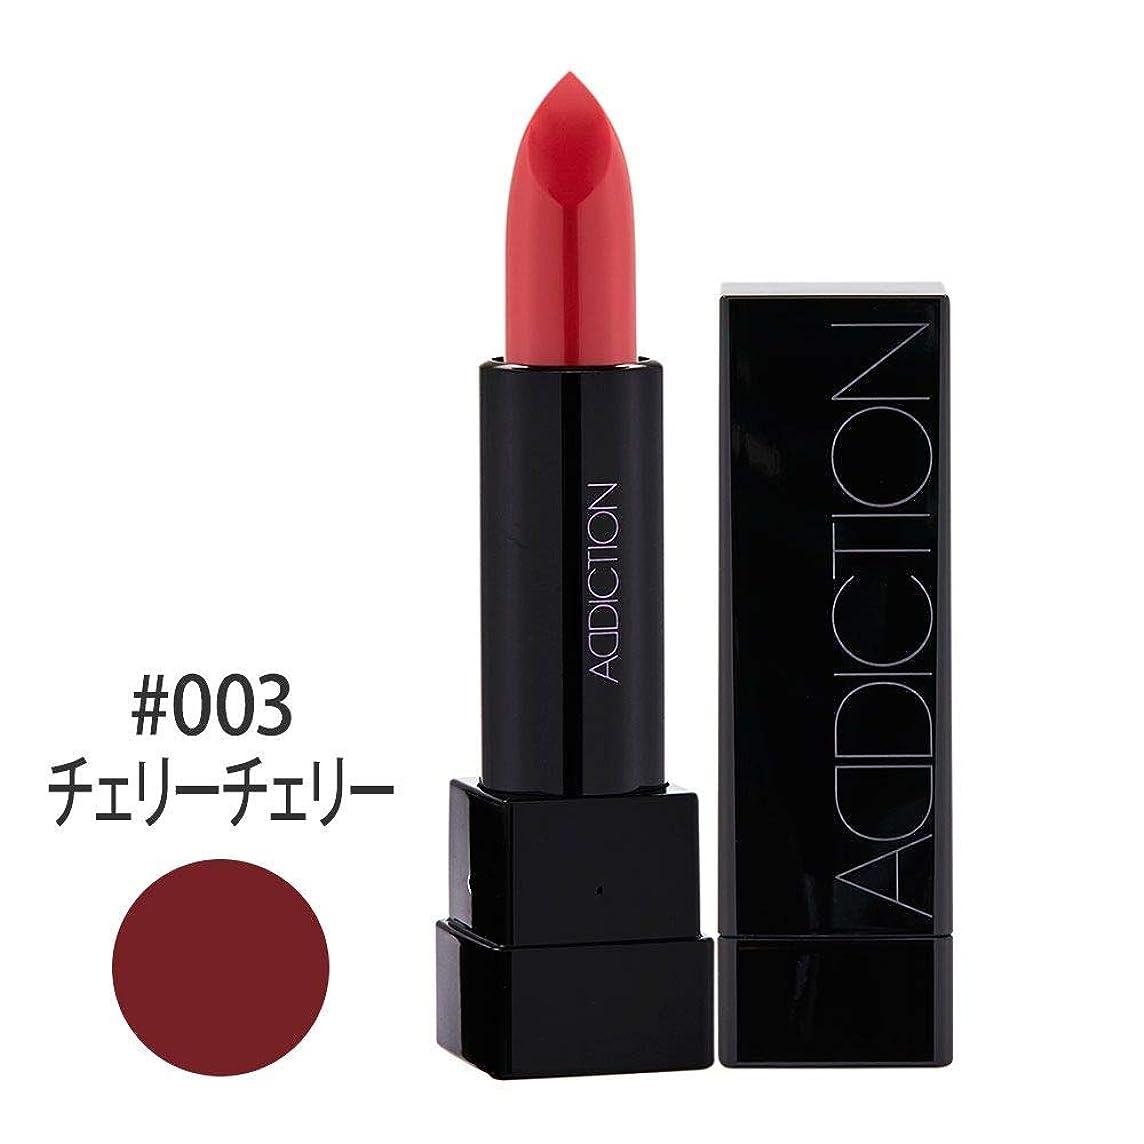 美しい宙返り深くADDICTION アディクション リップスティック シアー #003 Cherry Cherry 3.8g [並行輸入品]